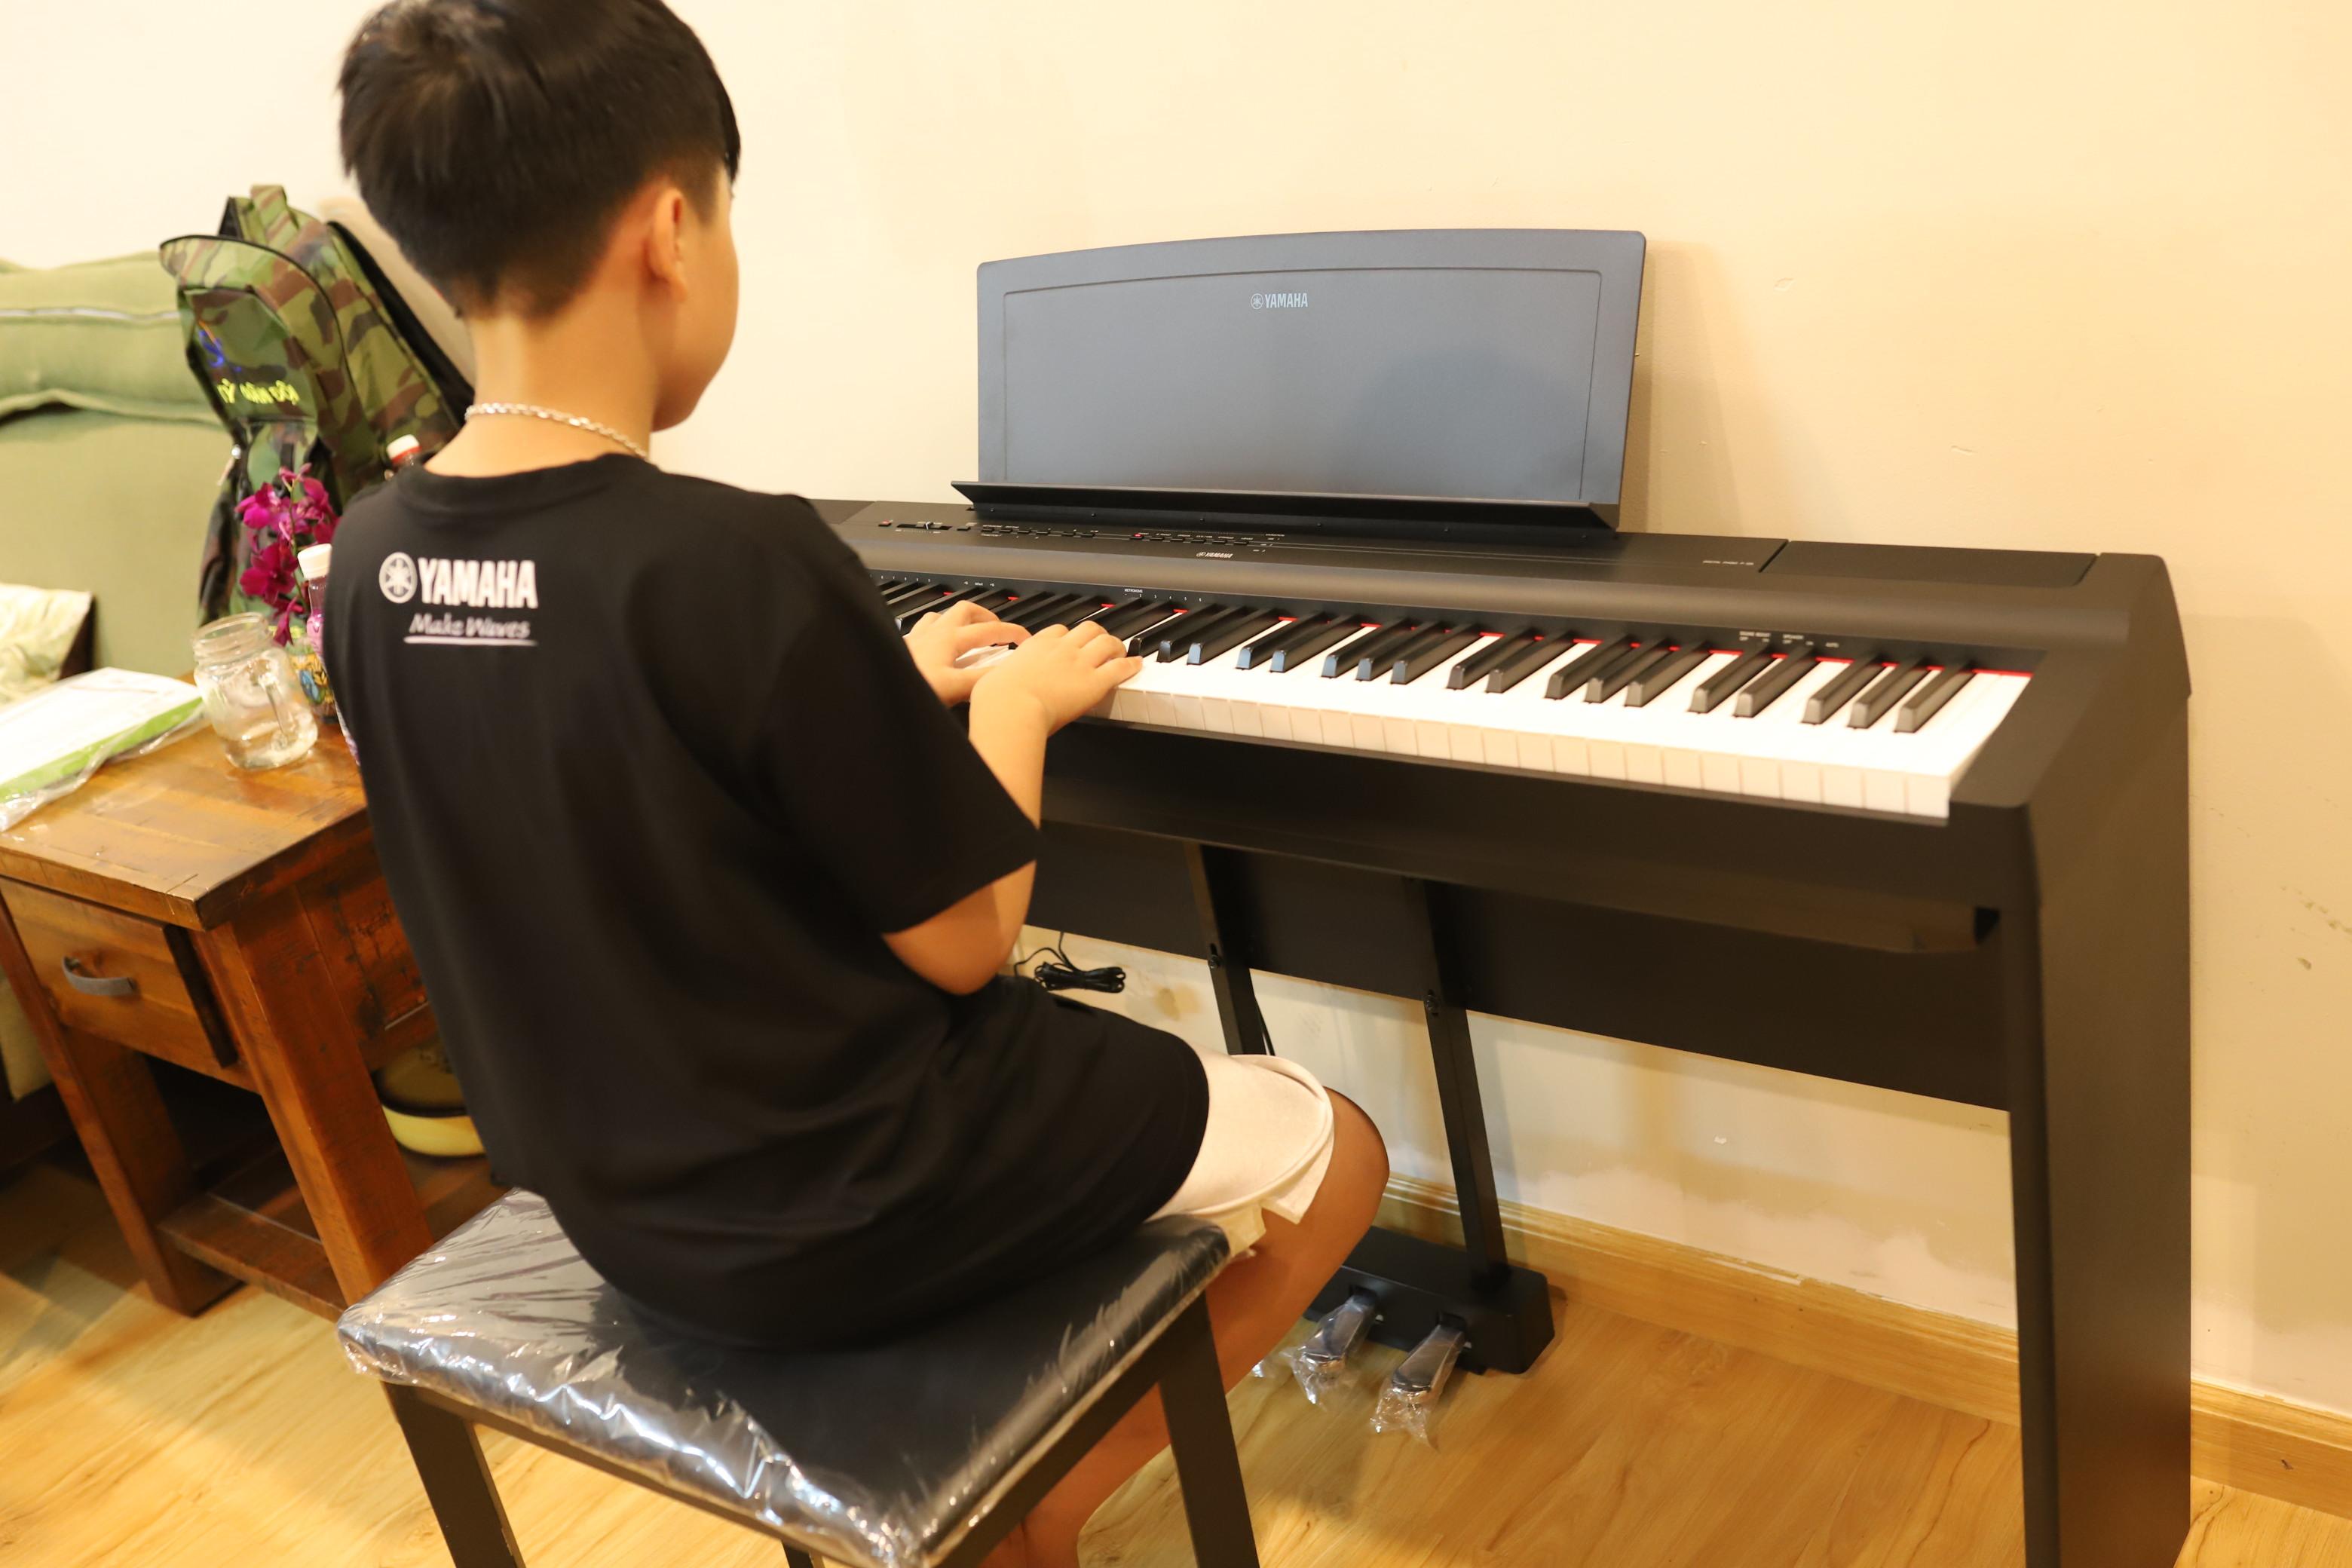 Không kinh nghiệm, nên nhờ ai đánh giá đàn piano điện trước khi chọn mua